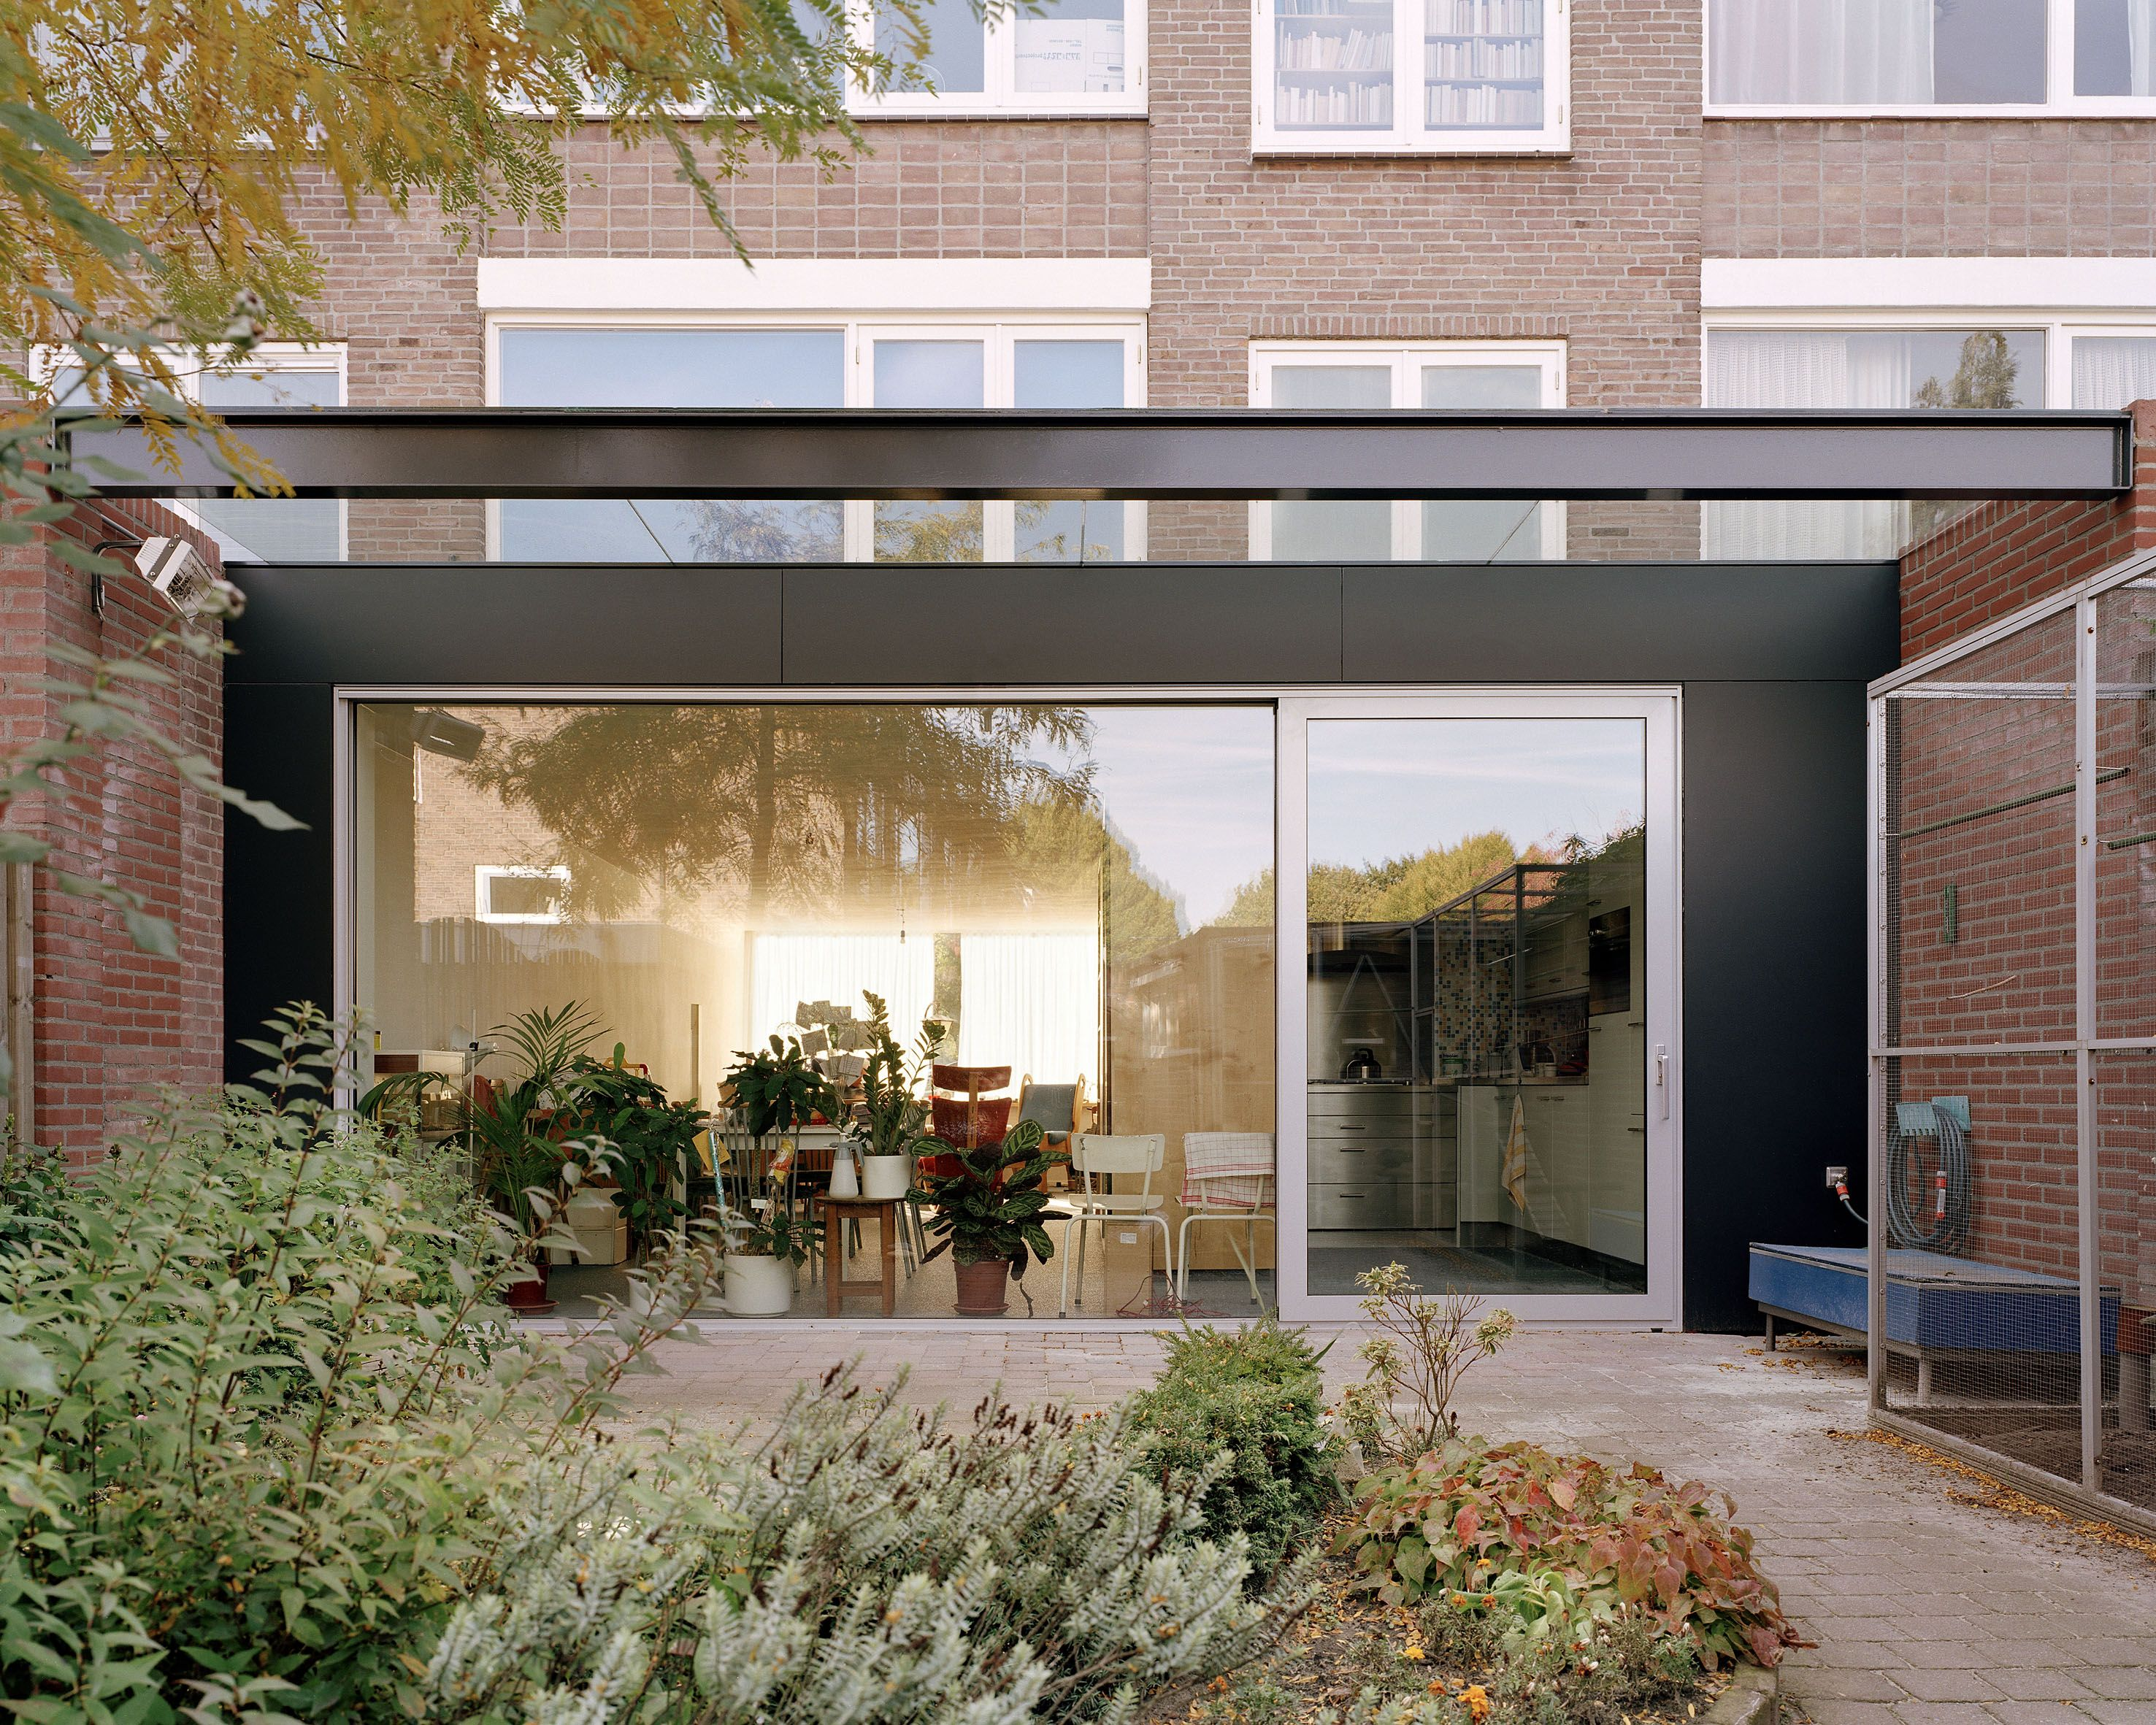 De opdrachtgevers wilden meer licht in hun jaren 60 woning en tevens een herinrichting van - Entreehal met trap ...